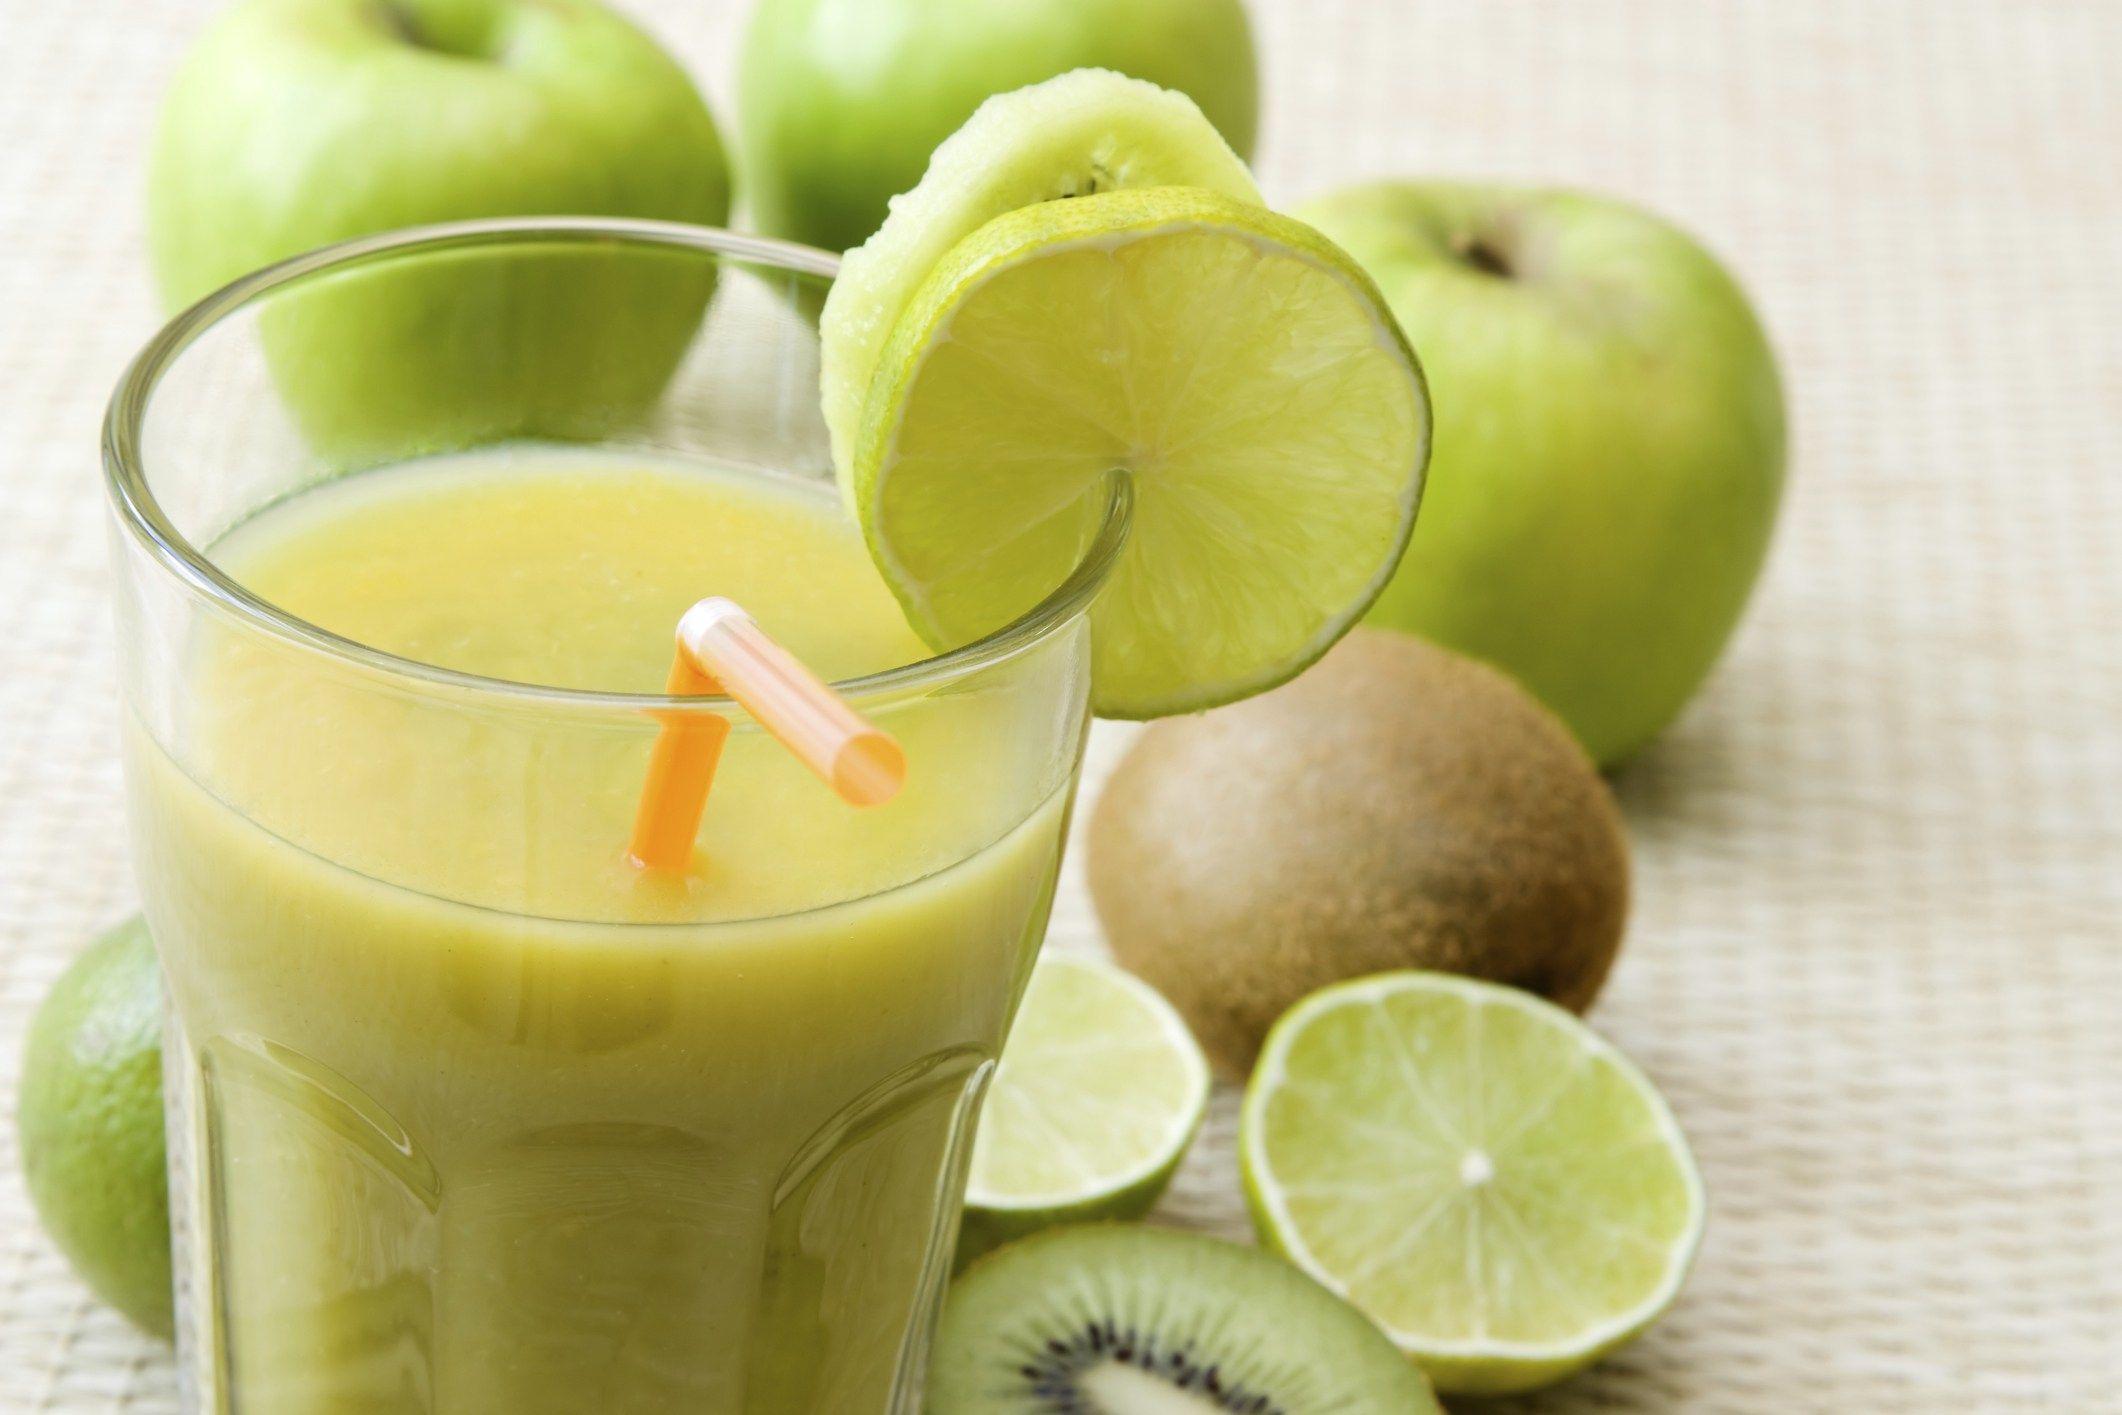 Suco De Limao Com Gengibre Ajuda A Emagrecer Receita De Sucos